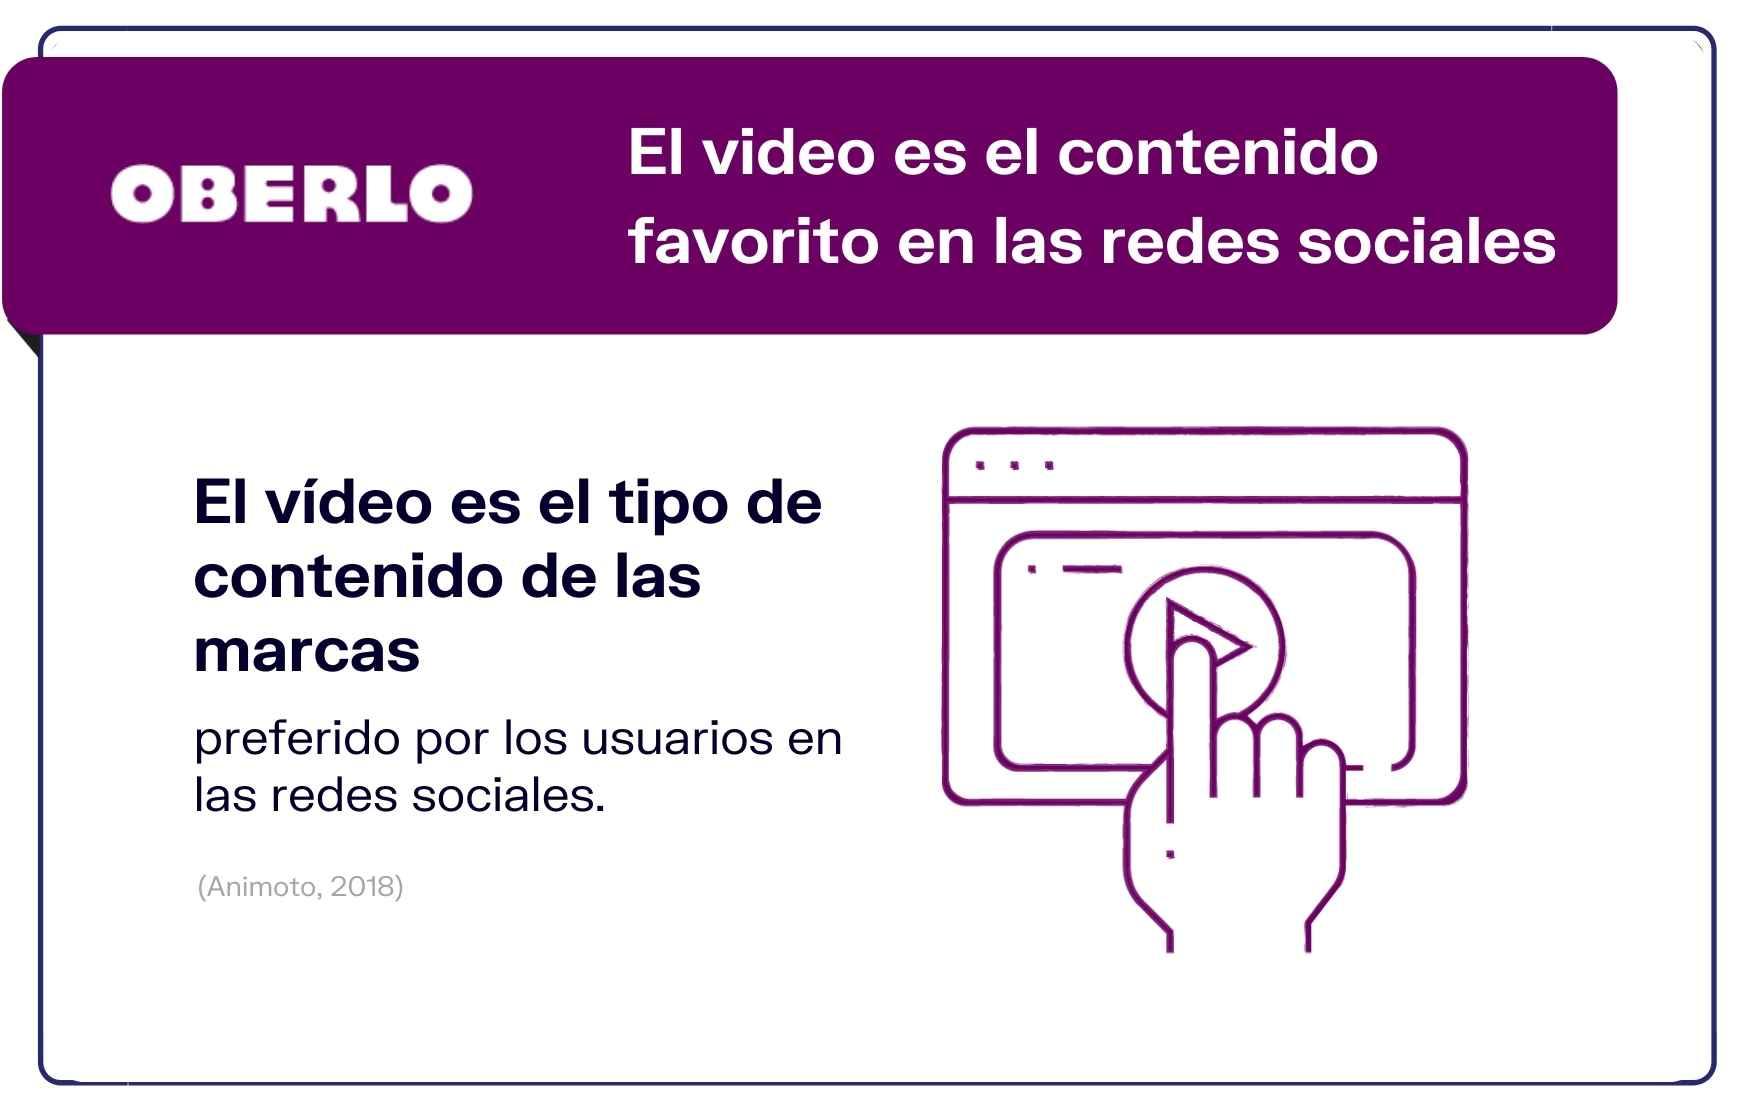 Marketing video en cifras